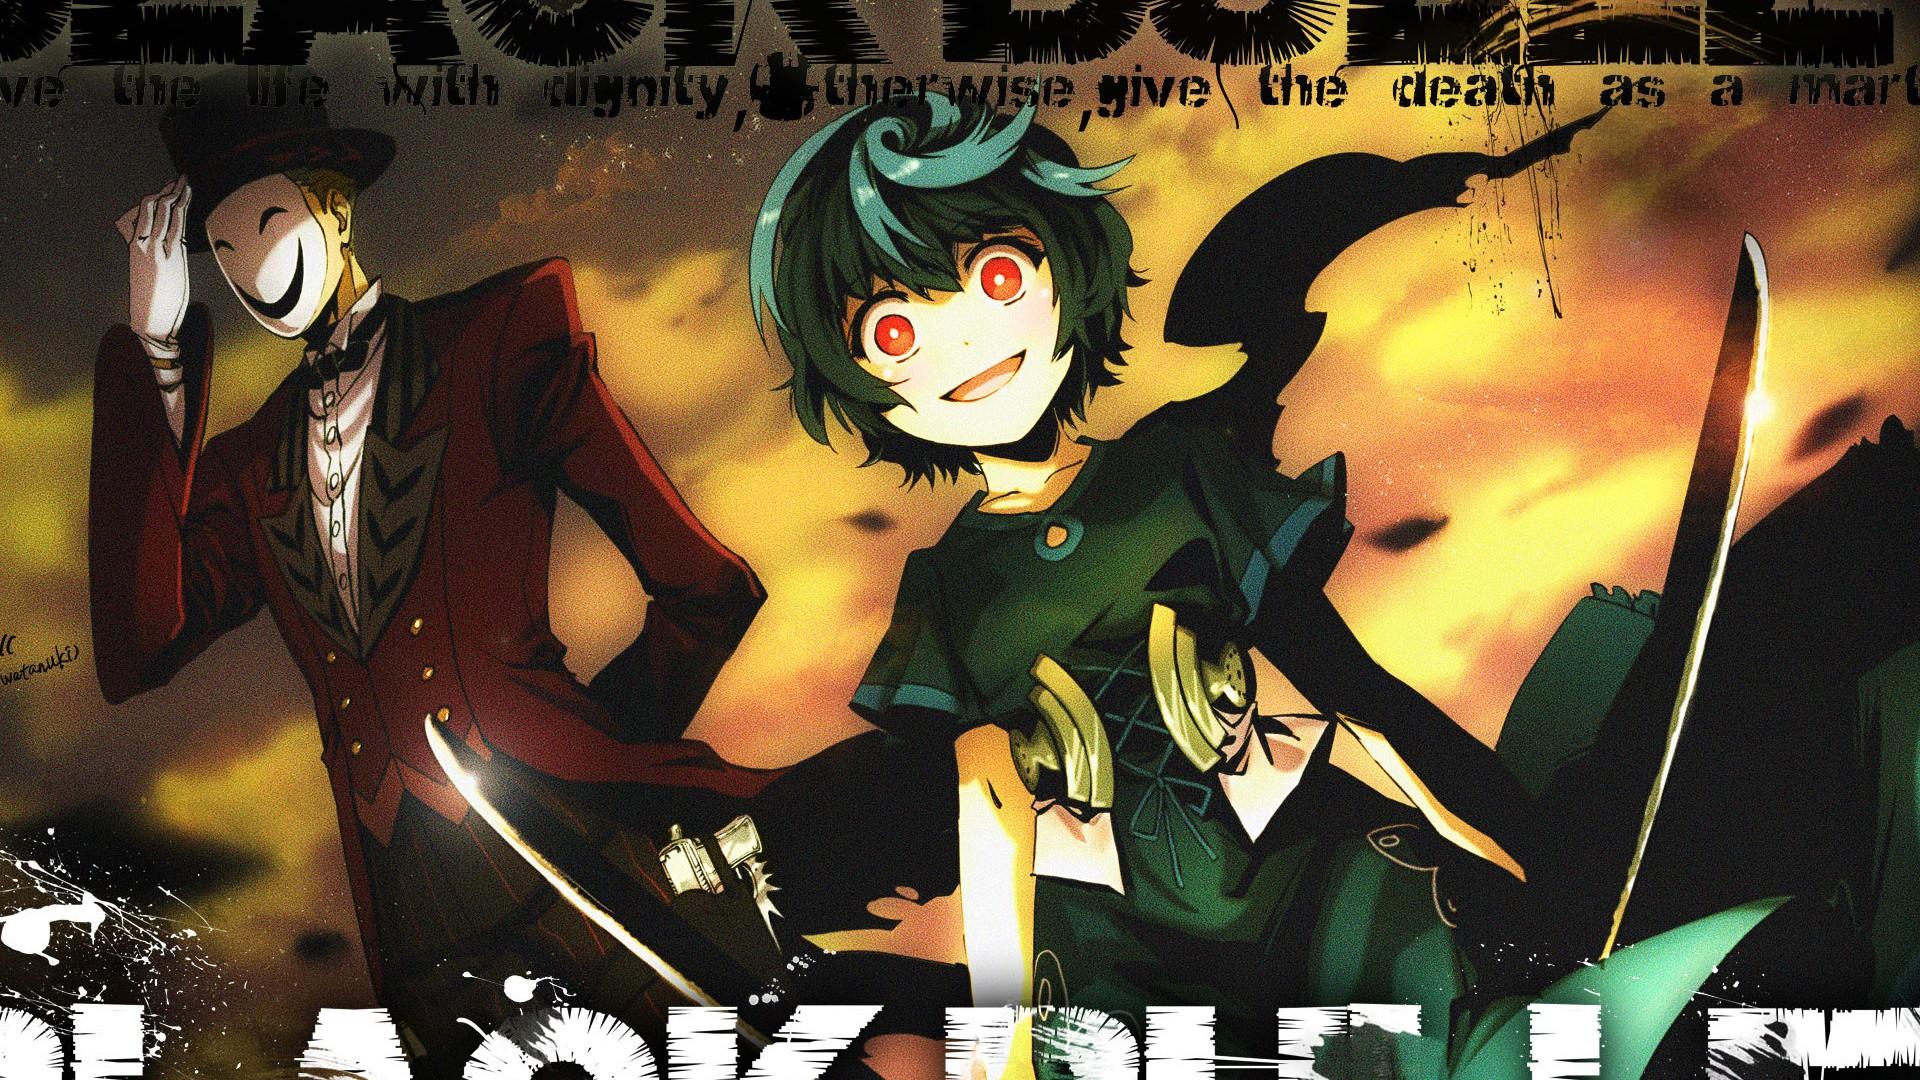 black bullet anime wallpaper 1920x1080.html